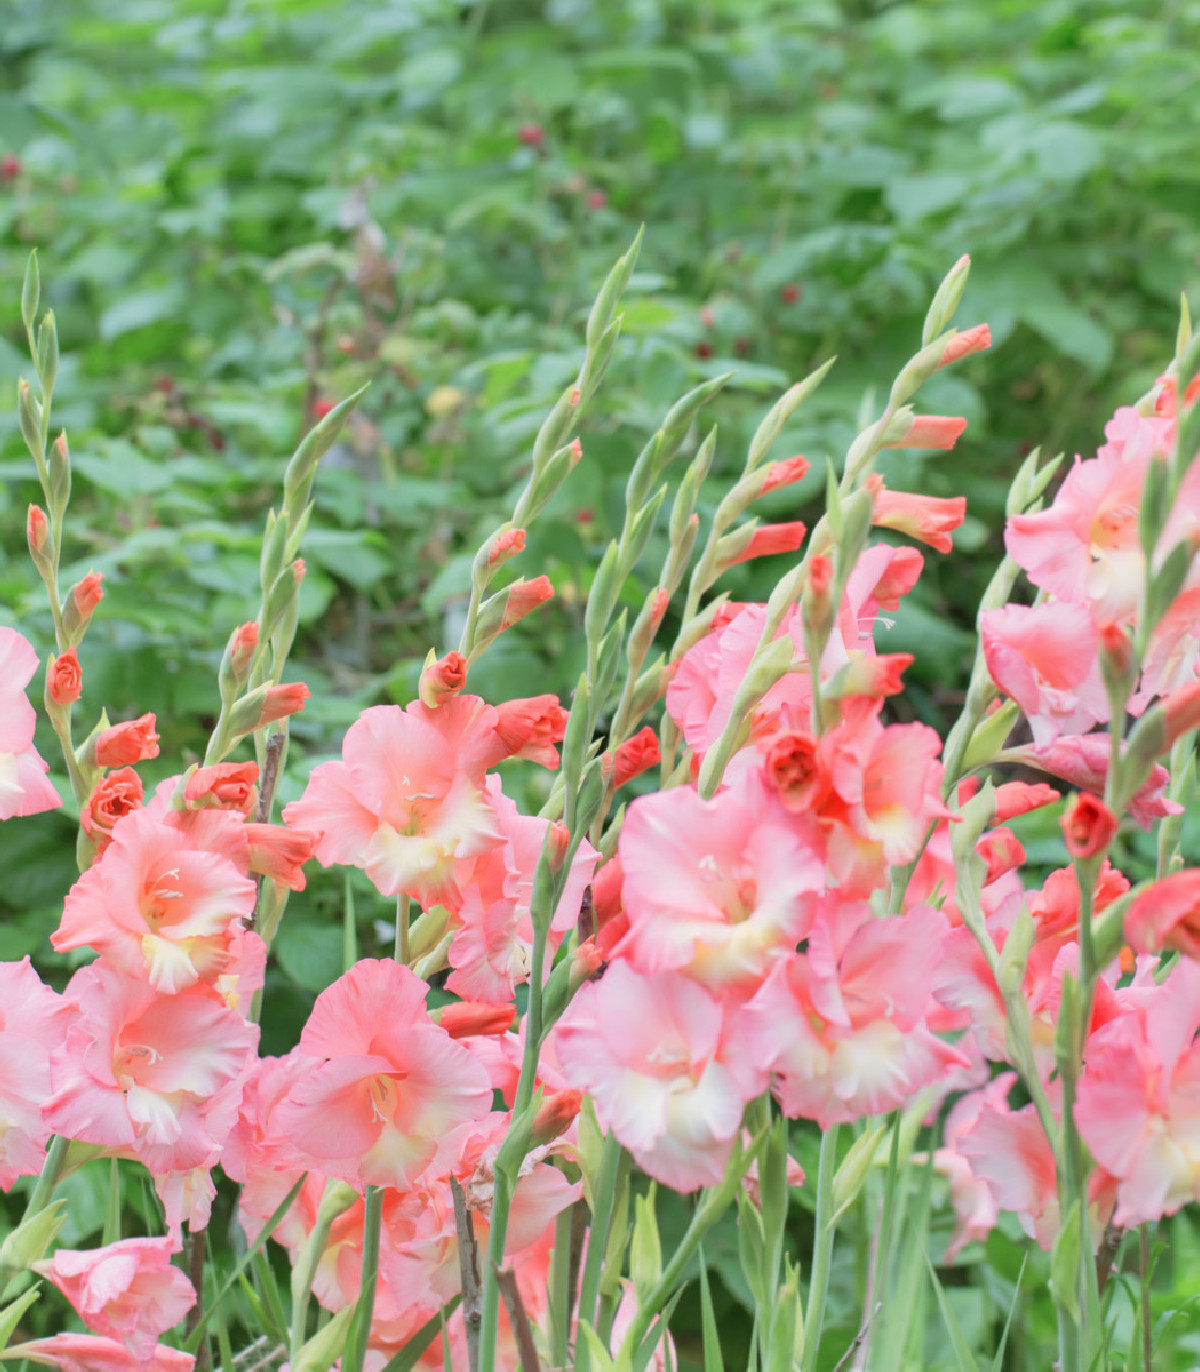 Mečík ružový Wine and Roses - Gladiolus - gladioly - cibuľoviny - 3 ks